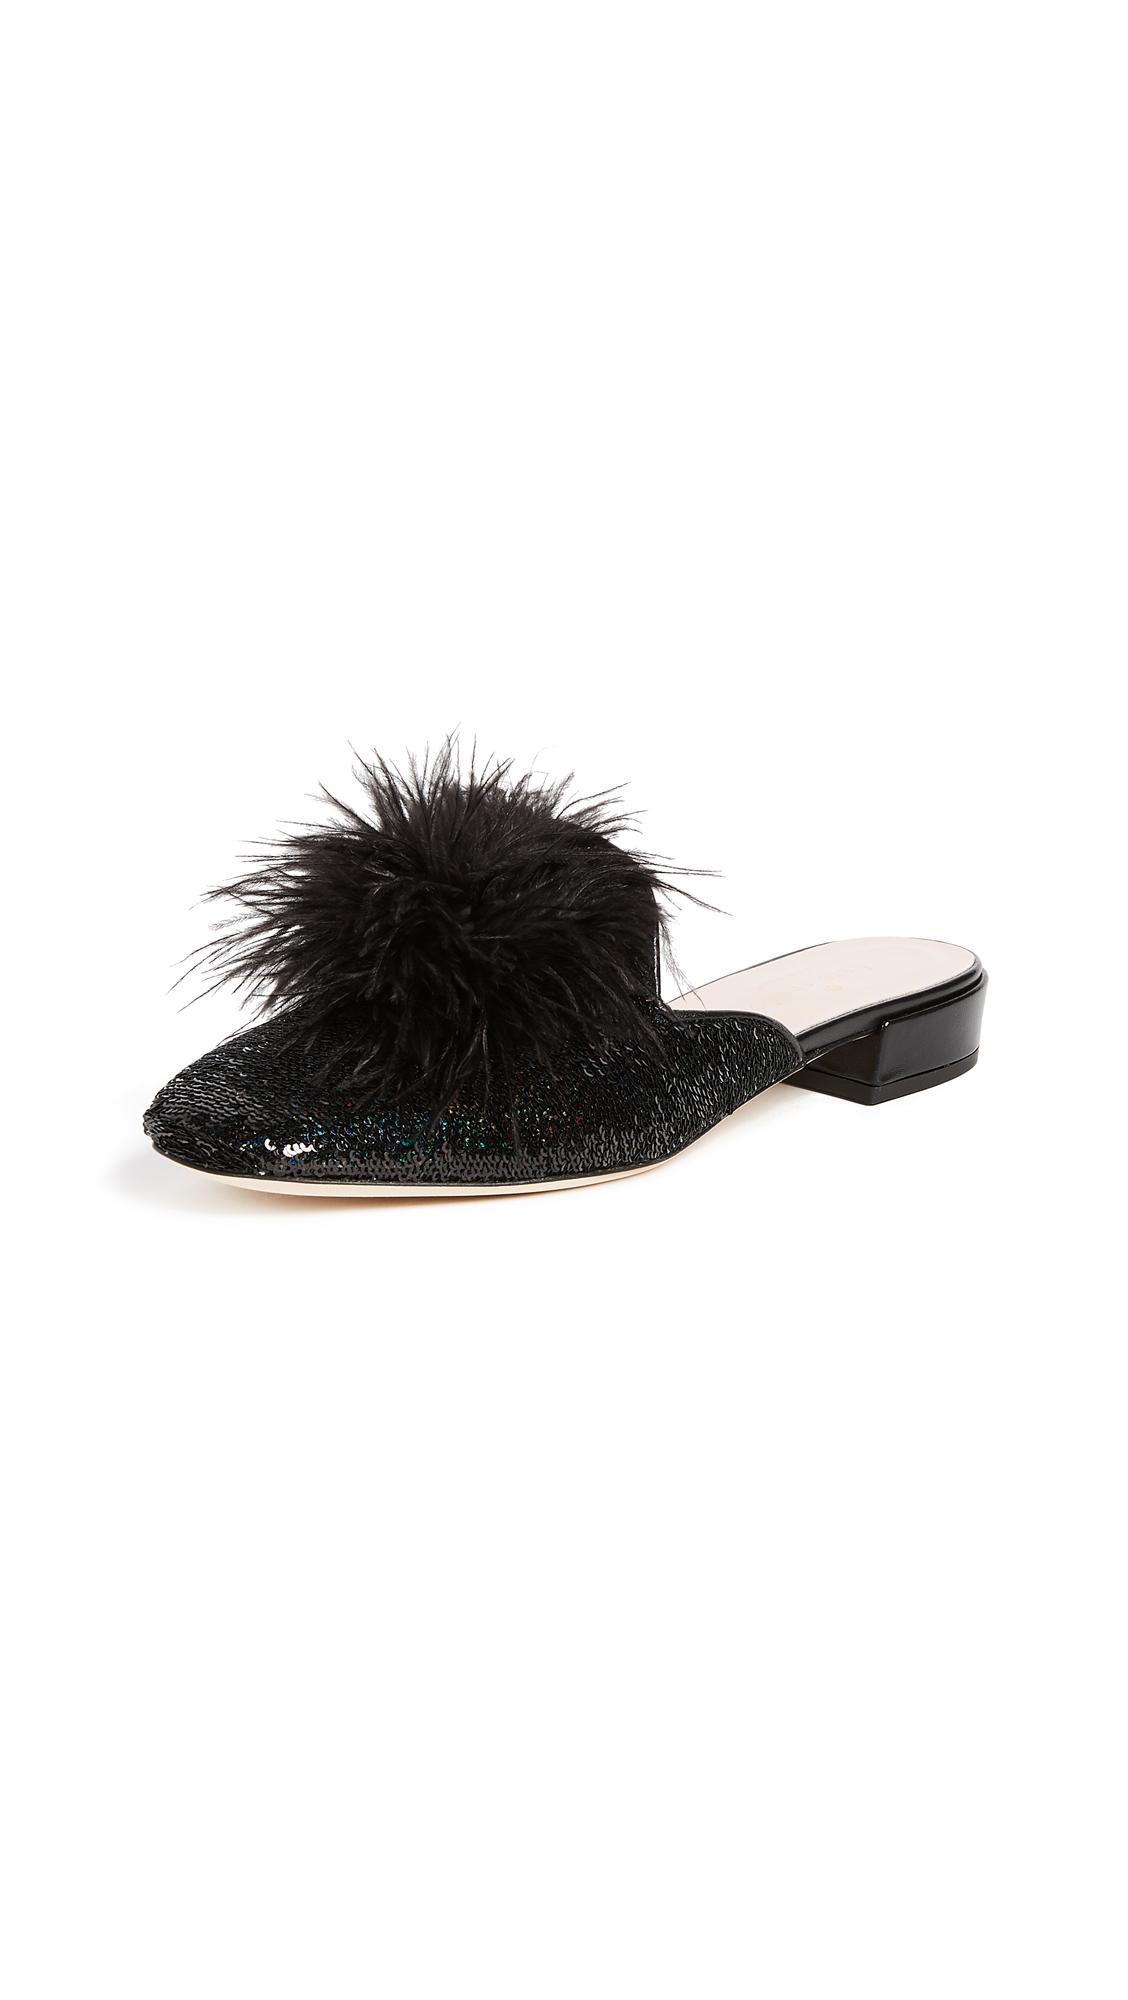 Kate Spade New York Gala Pom Pom Mules - Black